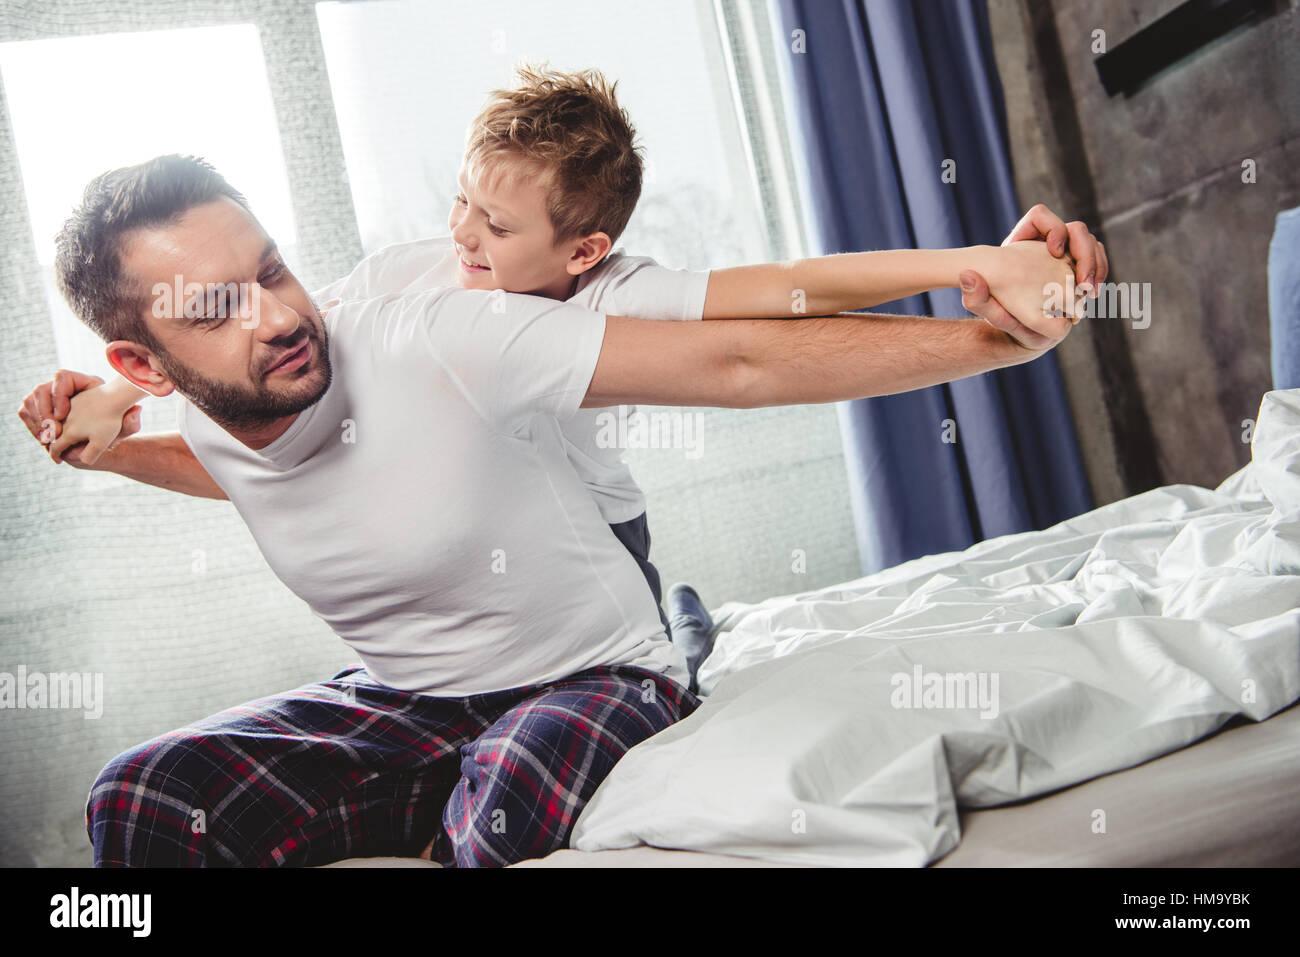 Heureux père et fils on bed Photo Stock